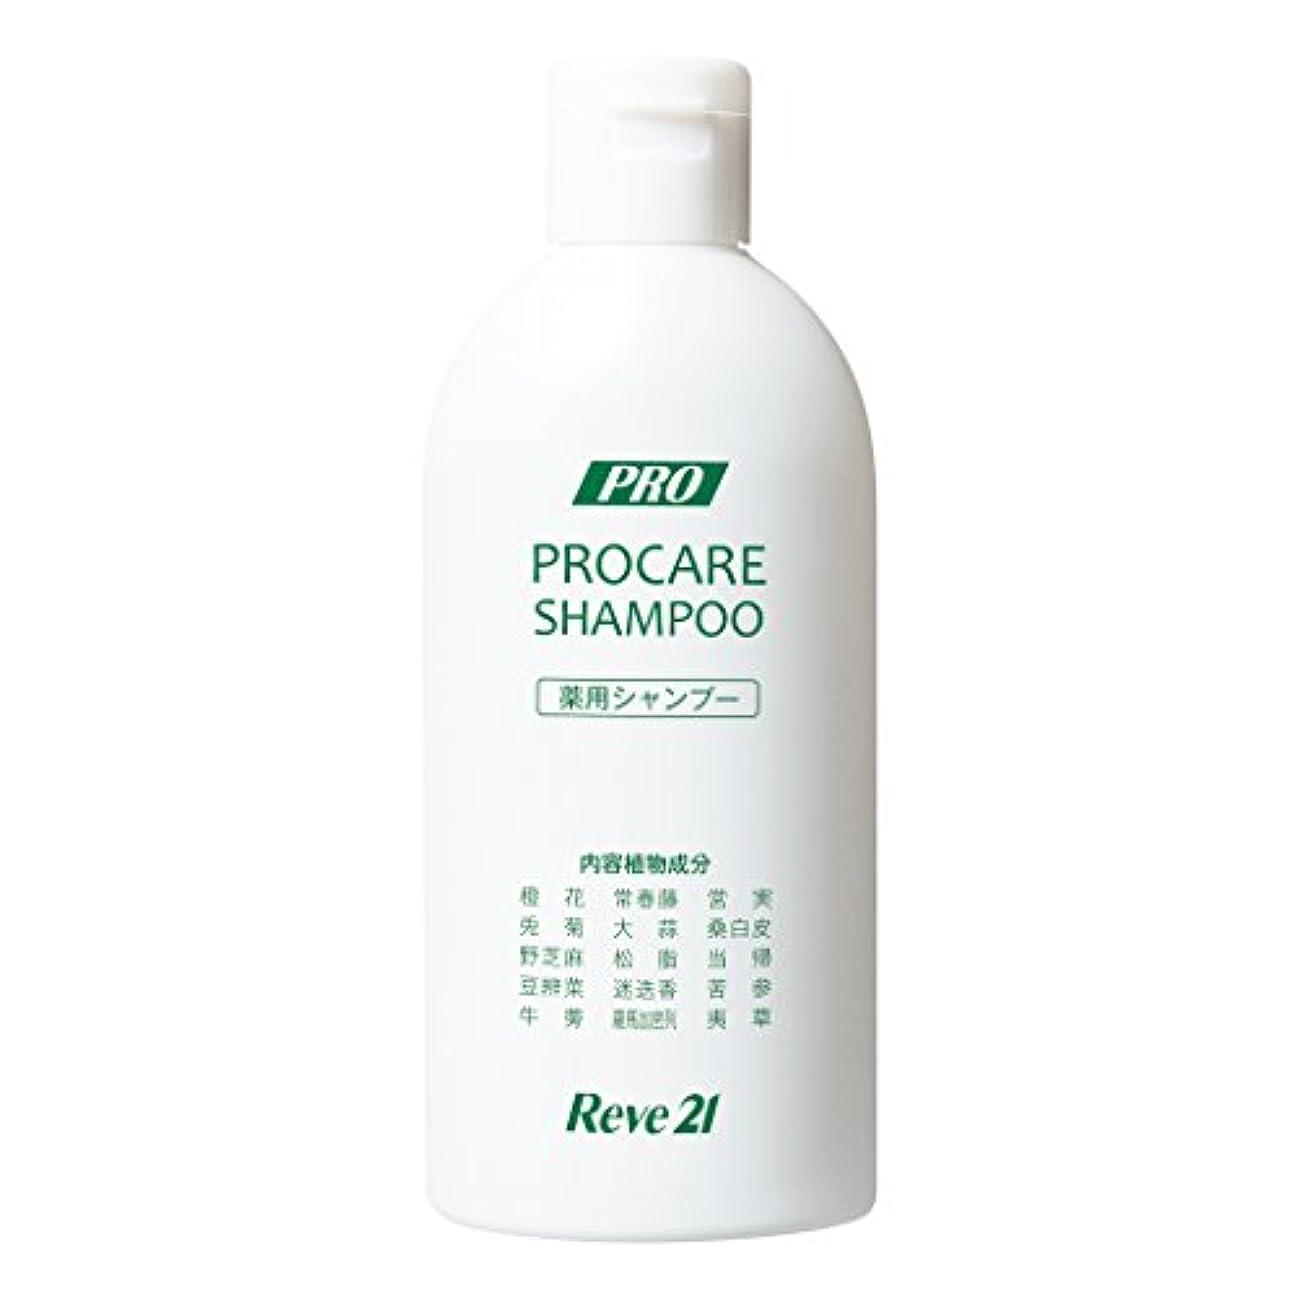 増幅するフェローシップ重要リーブ21 薬用プロケアシャンプー 200ml[医薬部外品] 育毛 発毛 育毛シャンプー